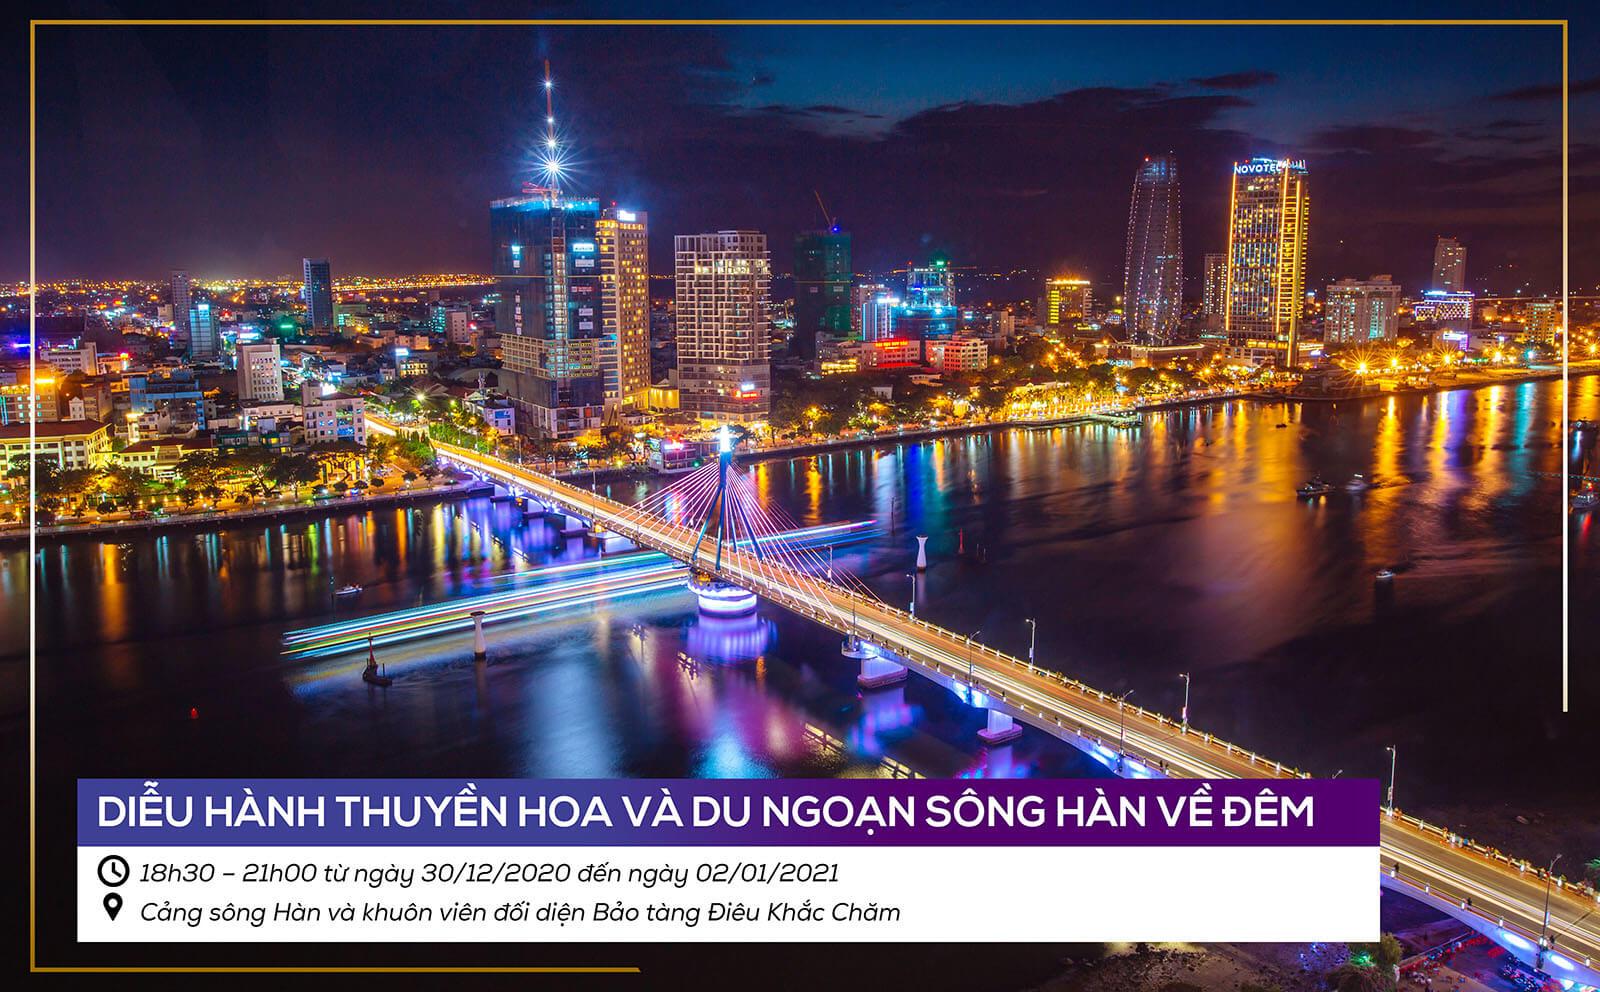 Le Hoi Da Nang Chao Nam Moi 2021 Du Ngoan Song Han